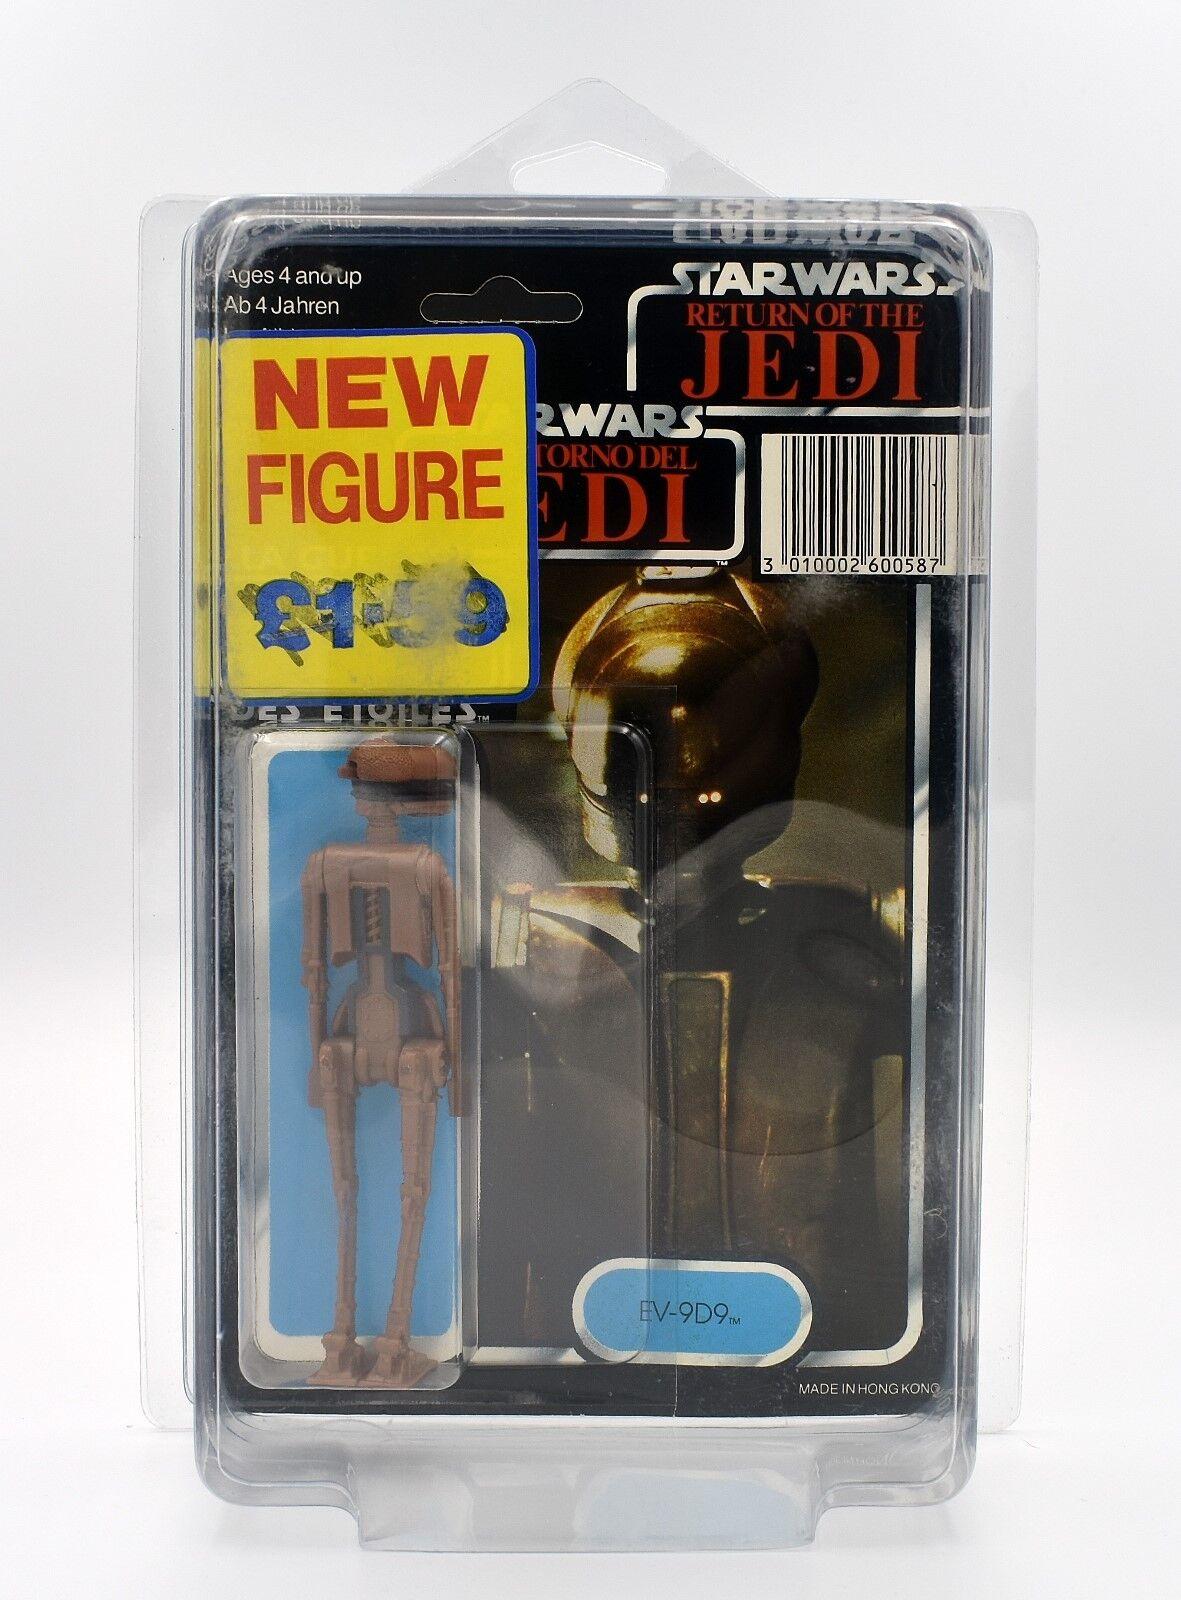 Star Wars le retour du jedi tri-logo (1983) - EV-9D9 action figure en arrière